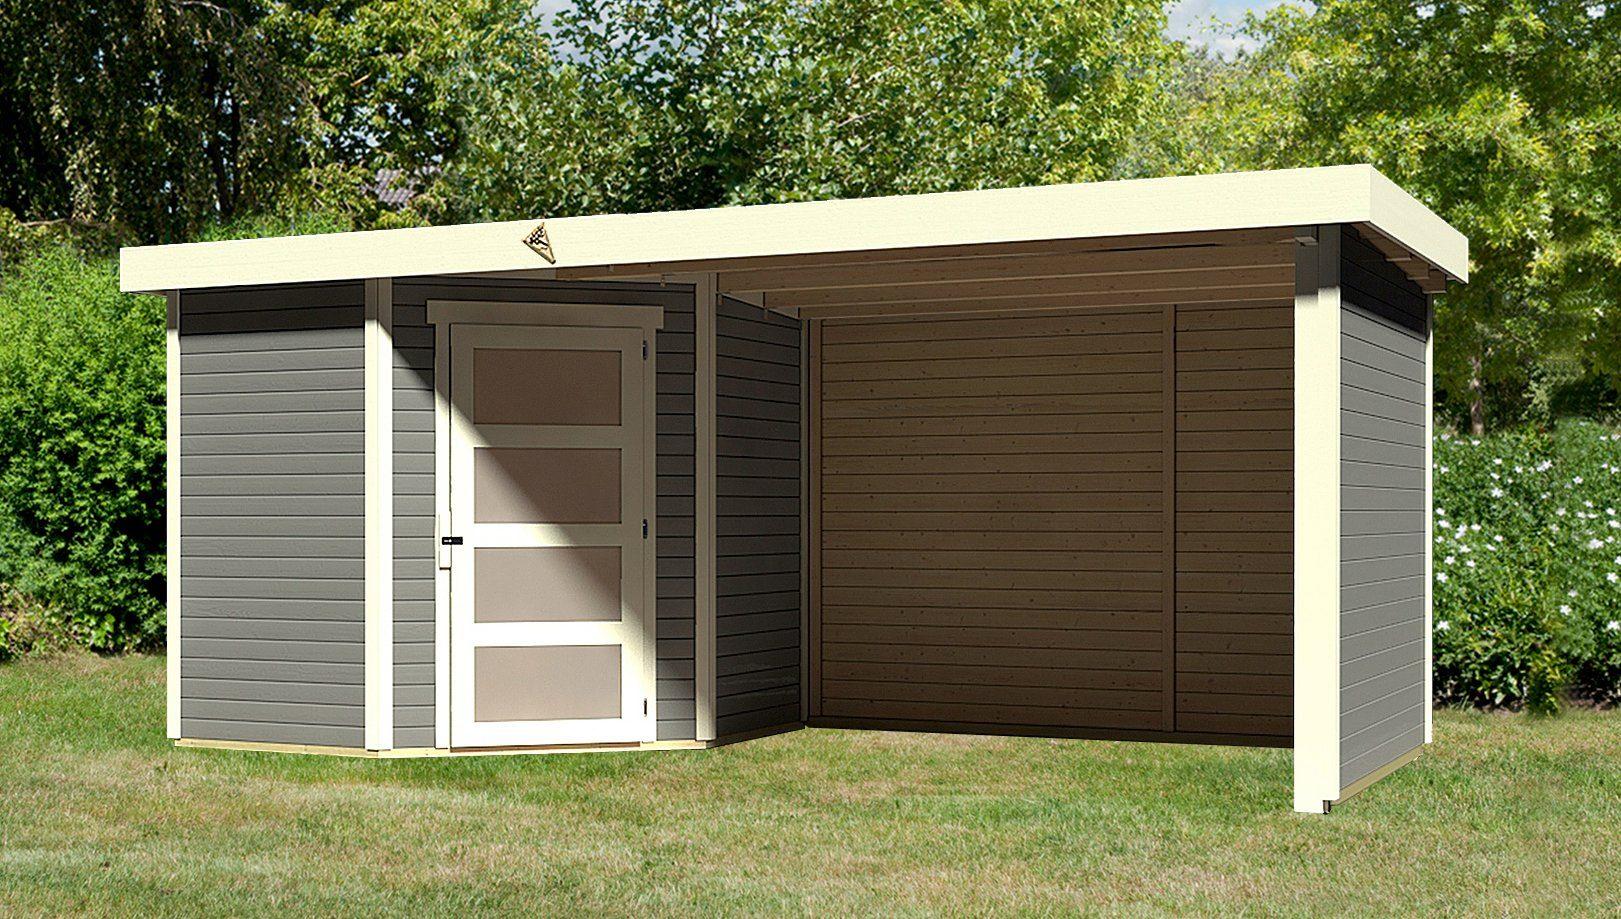 KARIBU Set: Gartenhaus »Schwandorf 3«, BxT: 505x238 cm, inkl. Anbaudach mit Seiten- und Rückwand